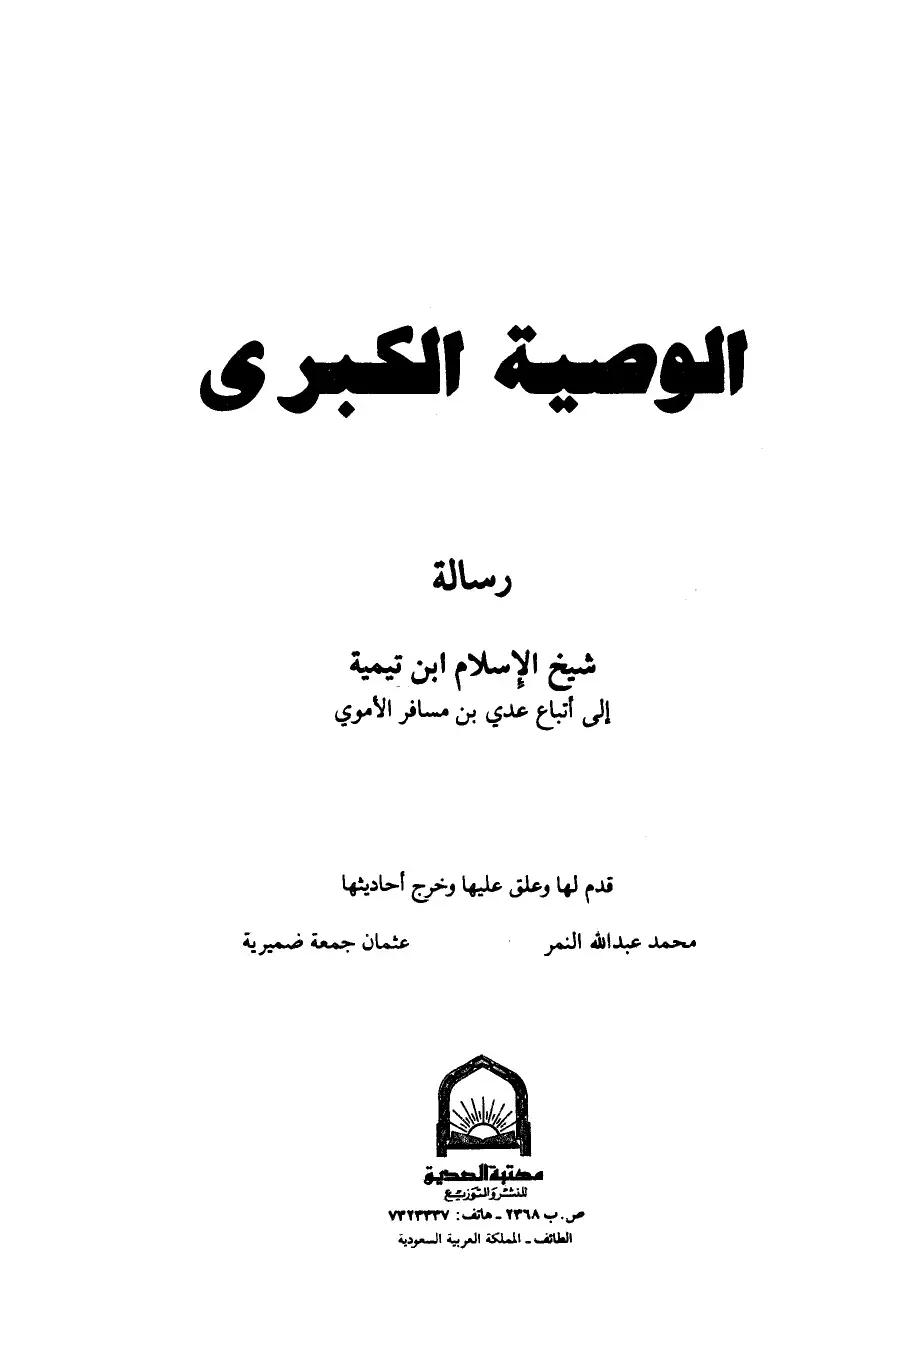 الوصية الكبرى رسالة شيخ الإسلام ابن تيمية إلى أتباع عدي بن مسافر الأموي Math Reading Math Equations